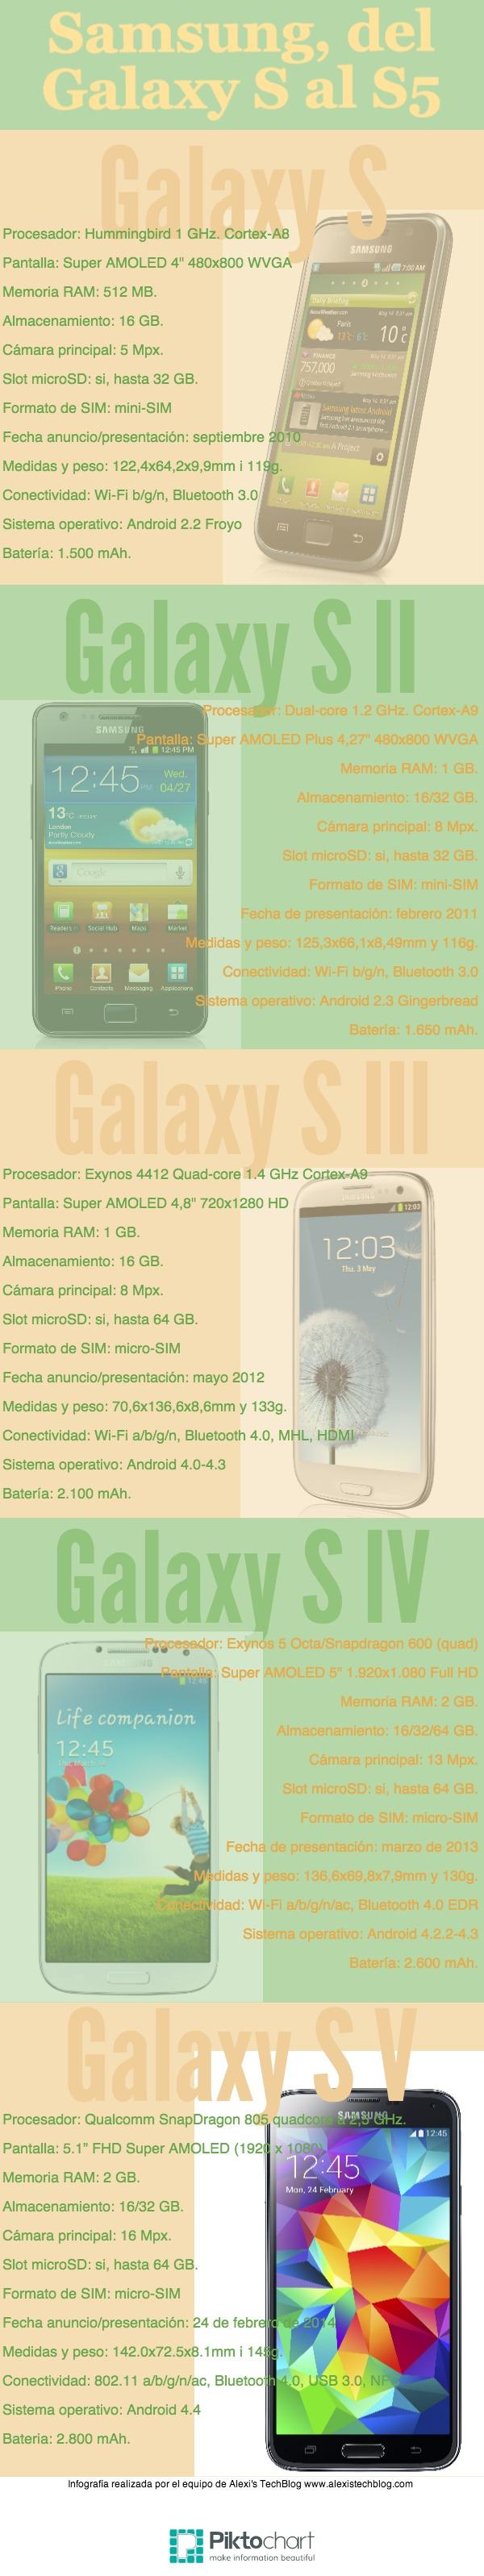 Evolución serie Galaxy S